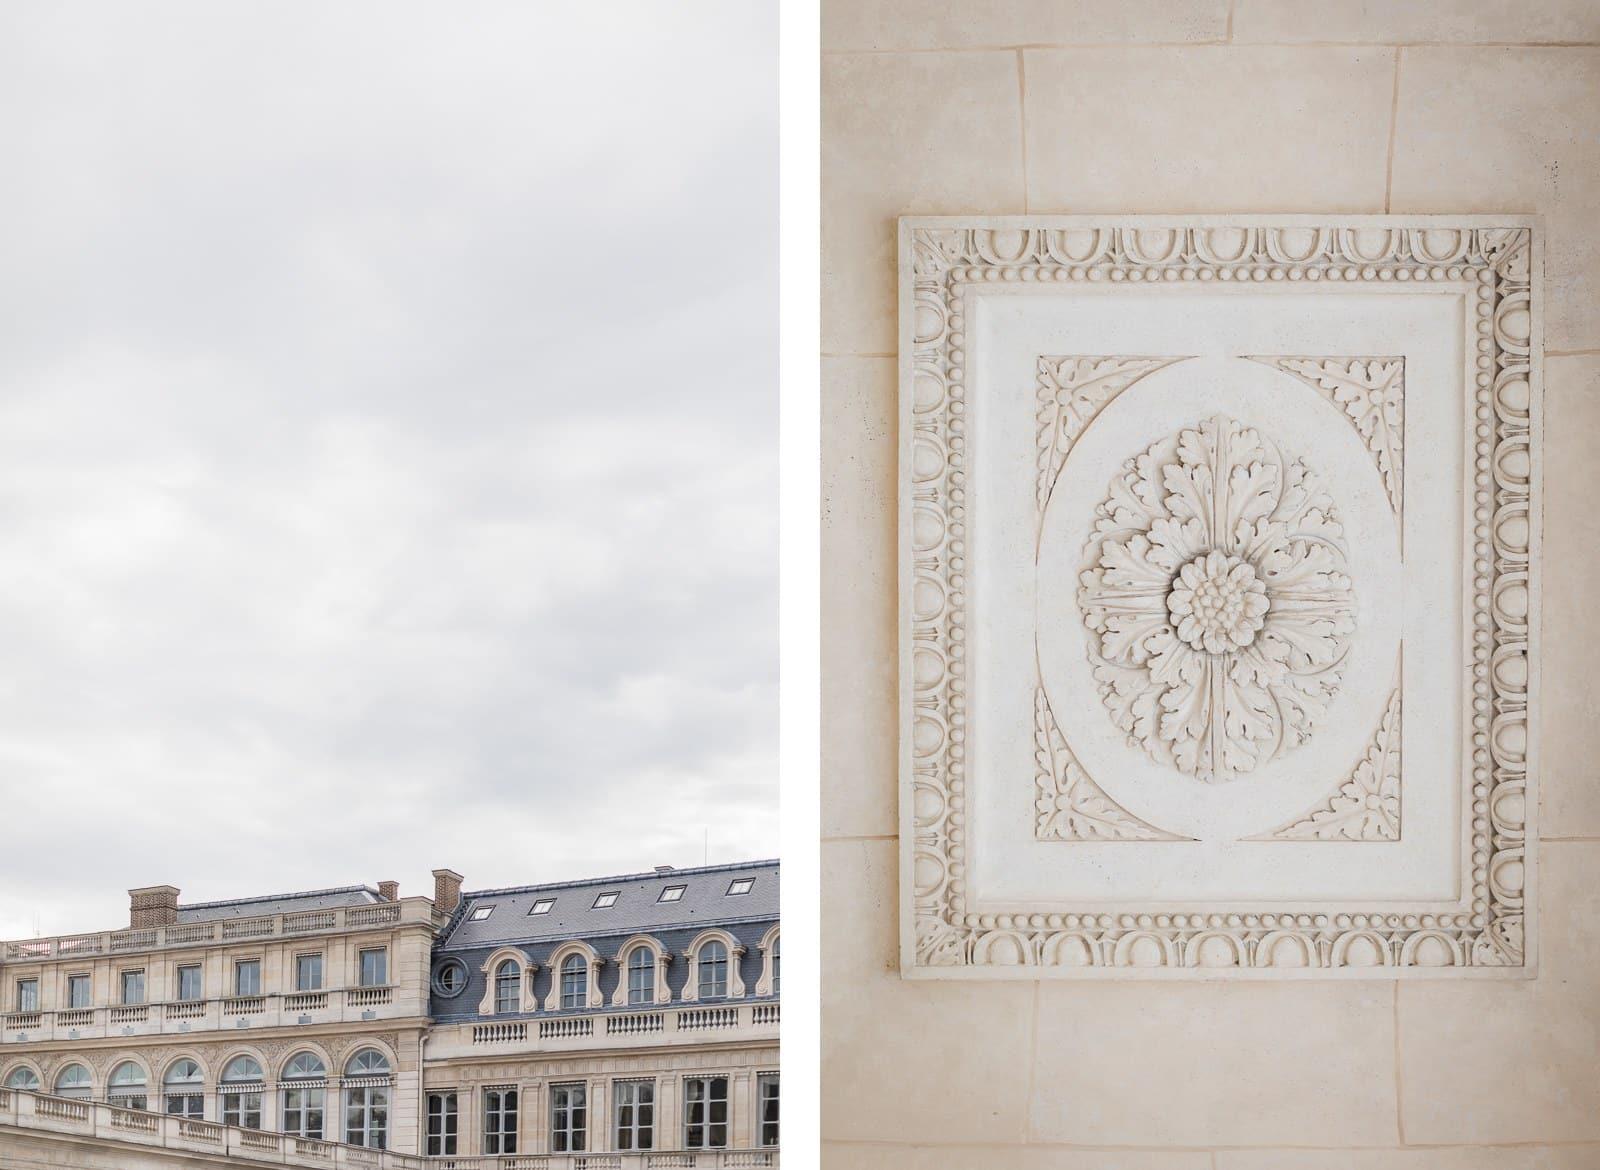 Photo de Mathieu Dété, détail des sculptures du Palais Royal de Paris